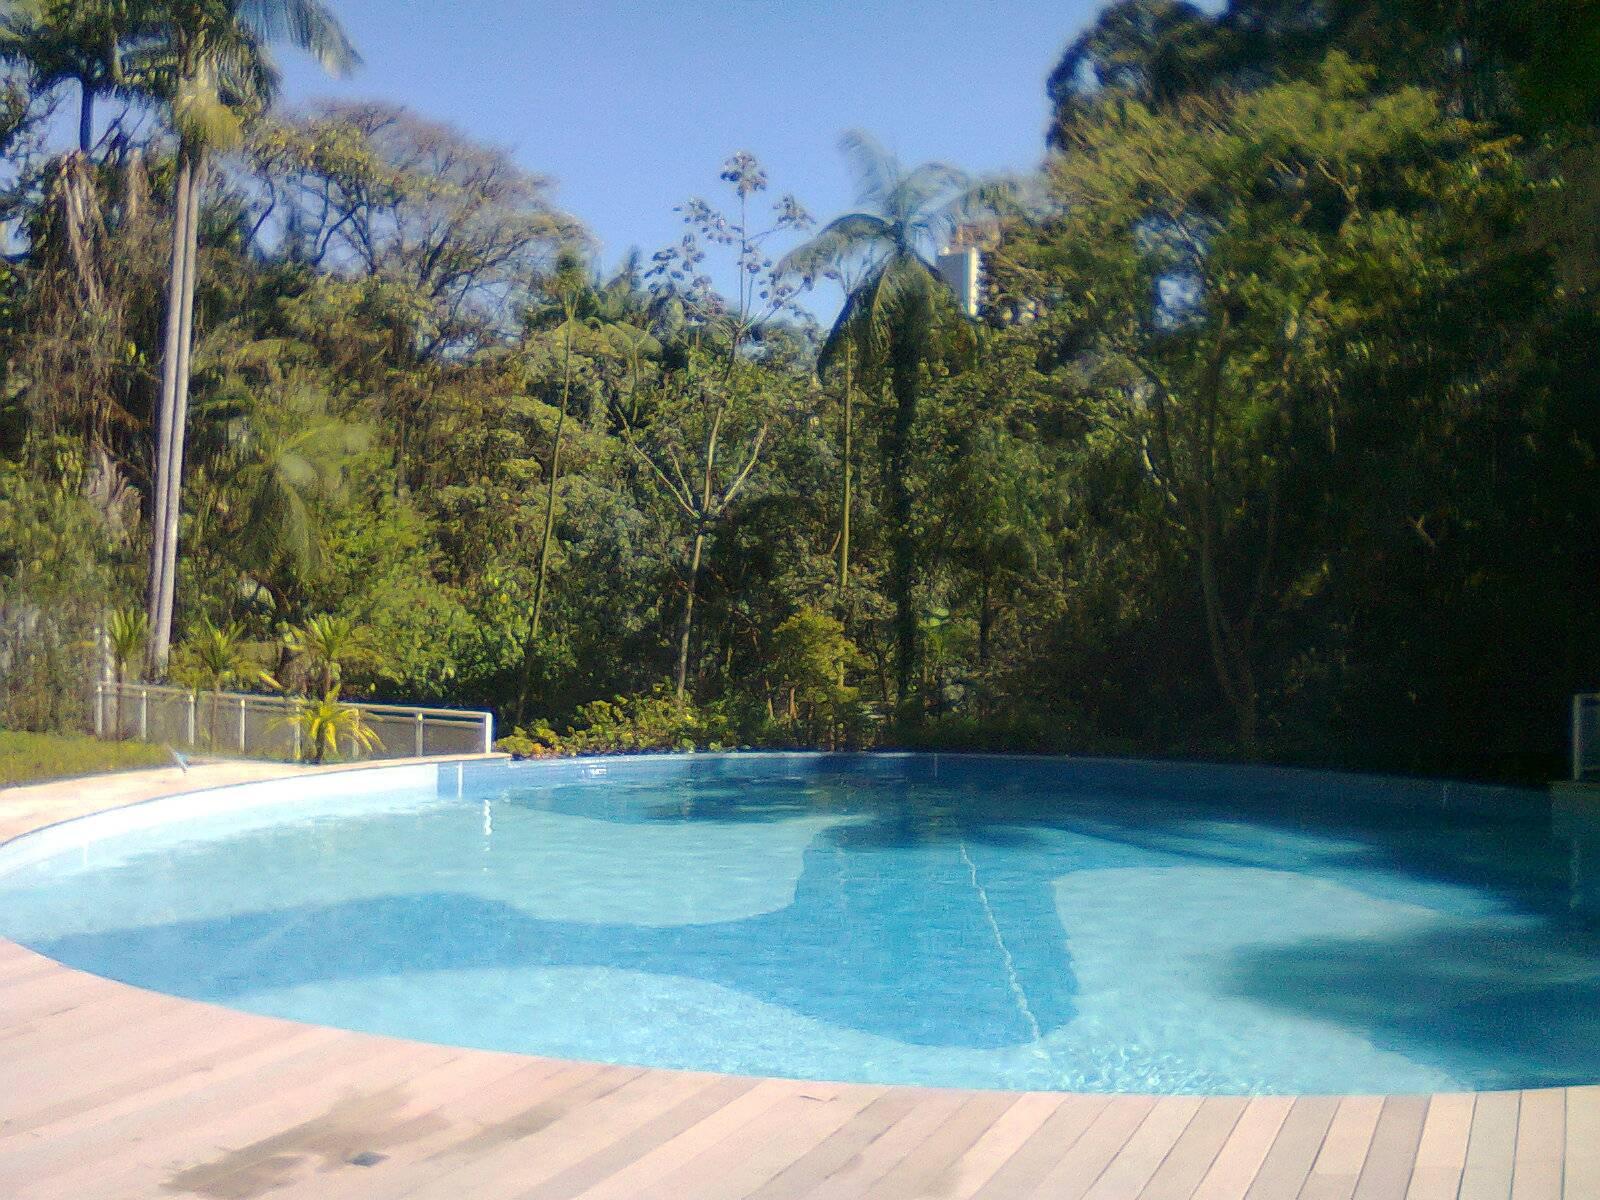 Limpeza de filtro piscina qualy tratus piscinas for Filtros para piscinas